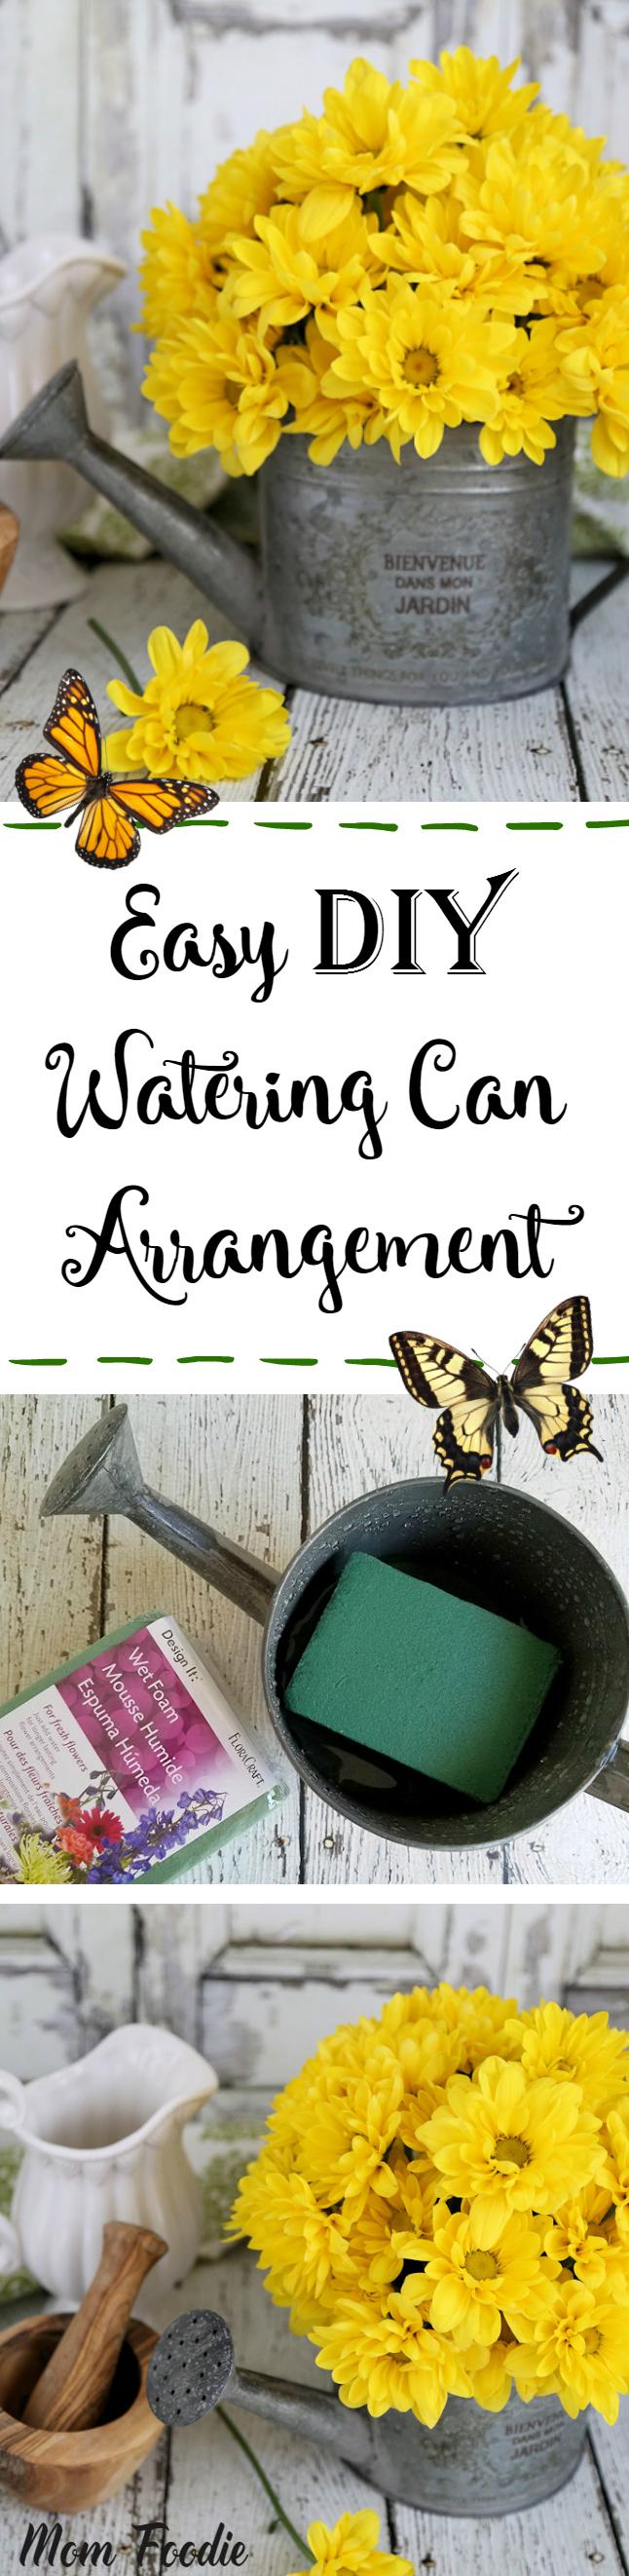 DIY Watering Can Arrangement